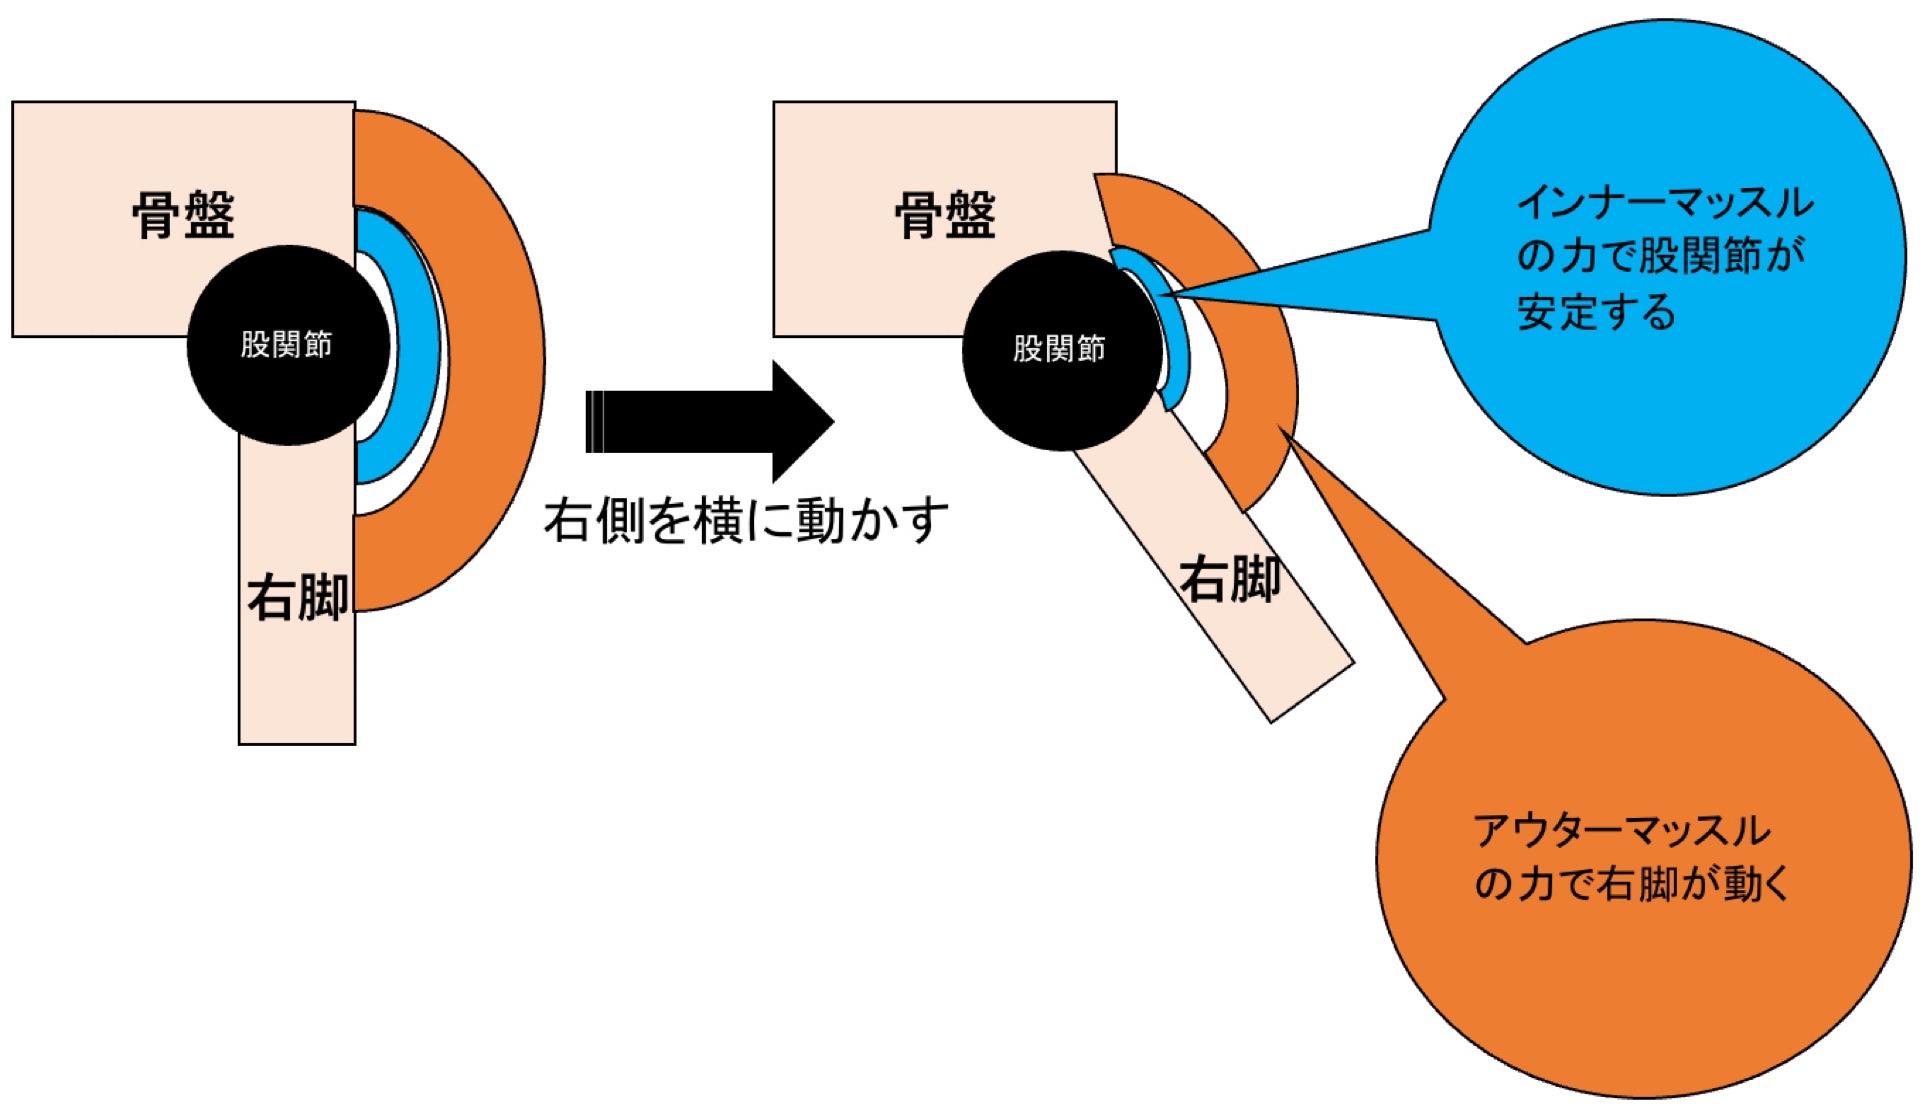 インナーマッスルの役割イメージ